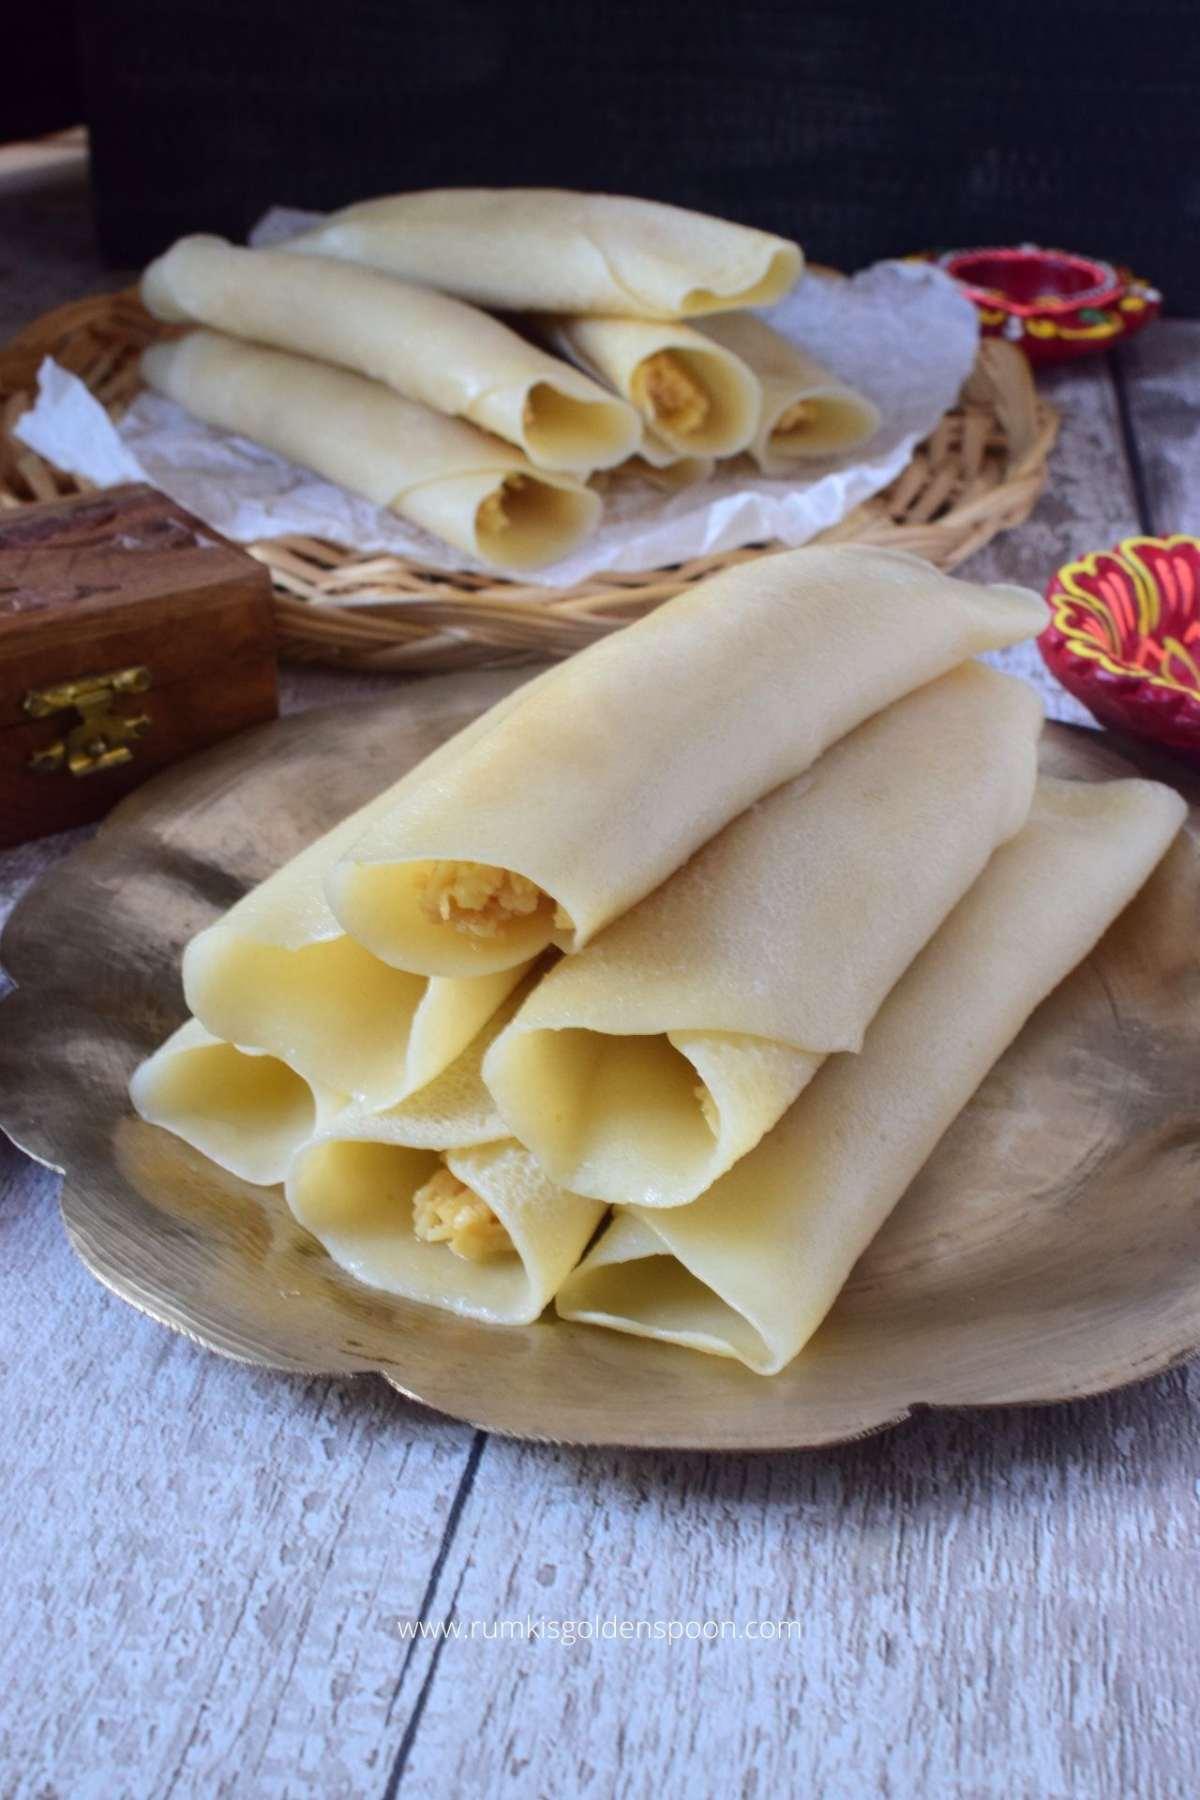 patishapta, patishapta recipe, recipe of patishapta, patishapta pitha, patishapta pitha recipe, how to make patishapta, bengali patishapta, bengali patishapta recipe, patishapta pitha recipe bengali, patishapta recipe with coconut, how to make bengali pitha, bengali patishapta pitha recipe, bengali patishapta pitha, gurer patishapta recipe, how to make bengali patishapta, patishapta bengali sweet recipe, narkel patishapta, patishapta banana recipe, recipe of patishapta in bengali, patishapta with kheer, patishapta bengali sweet recipe, recipe for patishapta, maida patishapta, patishapta recipe rice flour, suji patishapta, bengali pitha, bengali pitha recipe, bengali pithe, bengali pitha puli, bengali pithe puli, bangladeshi pitha, narkel diye patishapta, narkeler patishapta, narkel patishapta recipe, Rumki's Golden Spoon